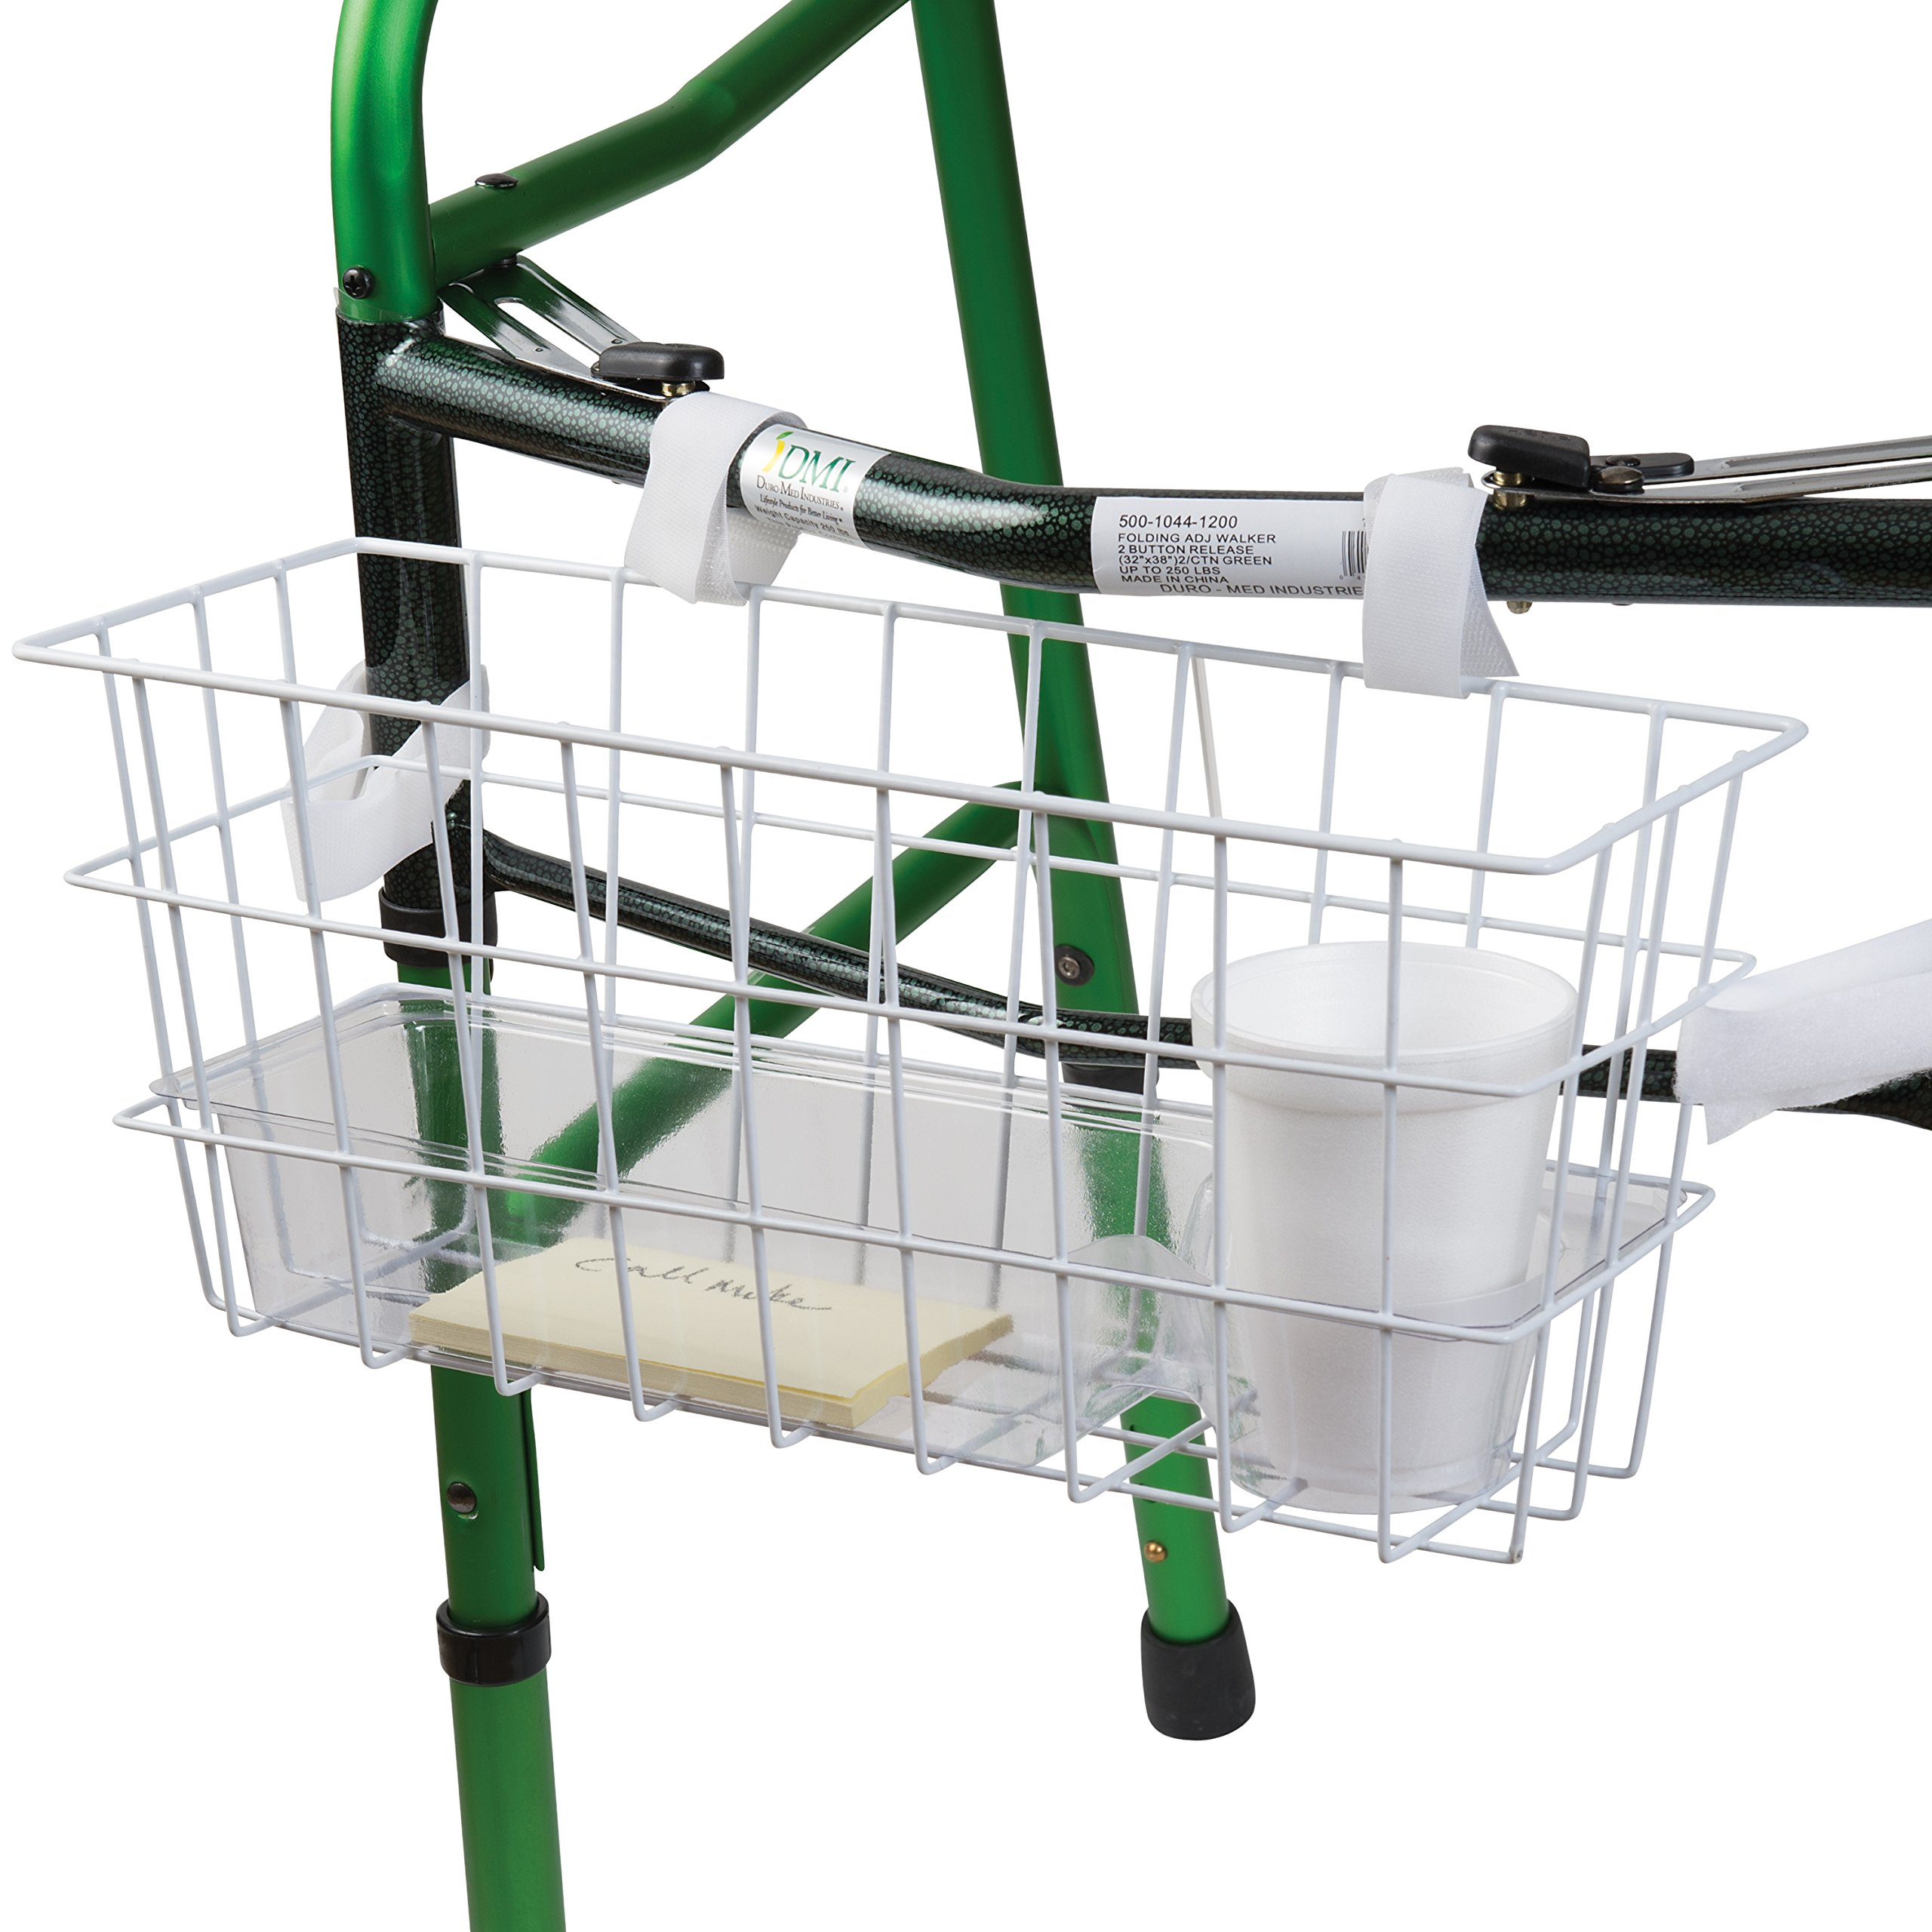 HealthSmart Walker Basket, Universal Basket For Walker With Tray and Cup Holder, Rollator Walker Basket, White